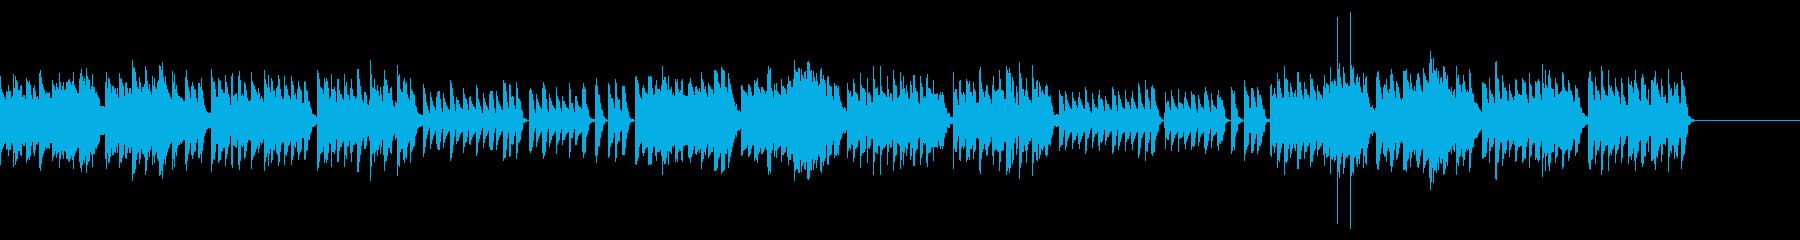 おとぎの国の雰囲気のBGM(シンセ版)の再生済みの波形